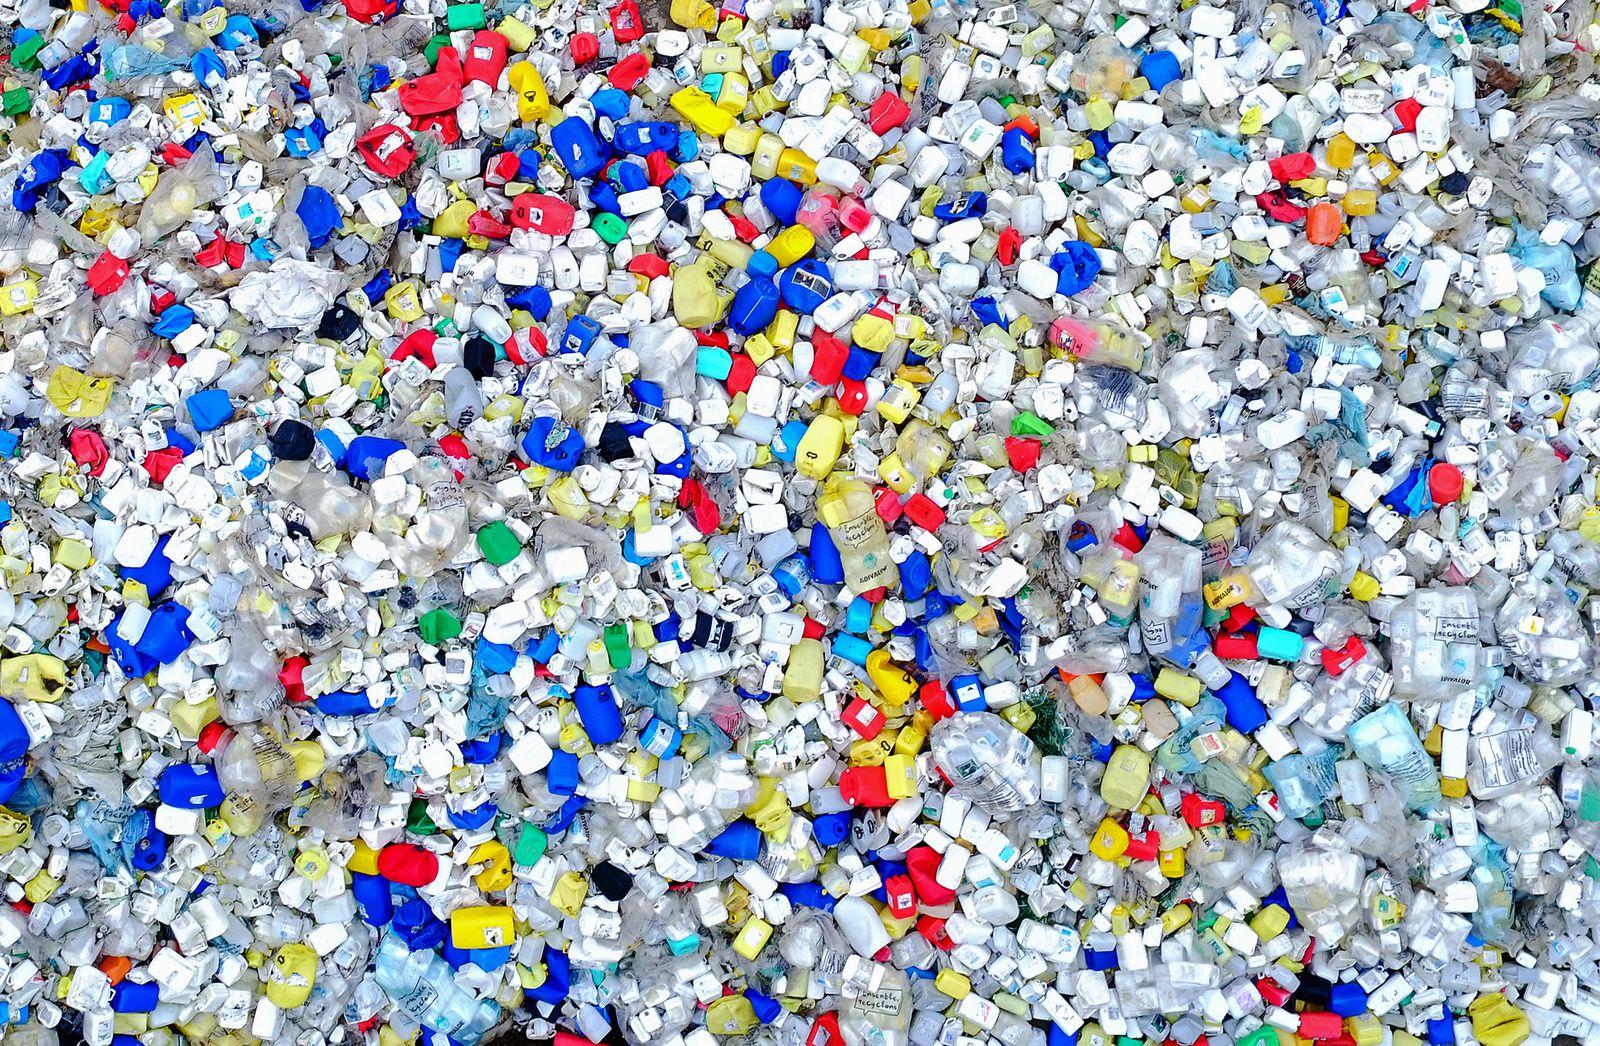 Usine de recyclage de plastiques dans la Manche. Photo aérienne François Monier, septembre 2016